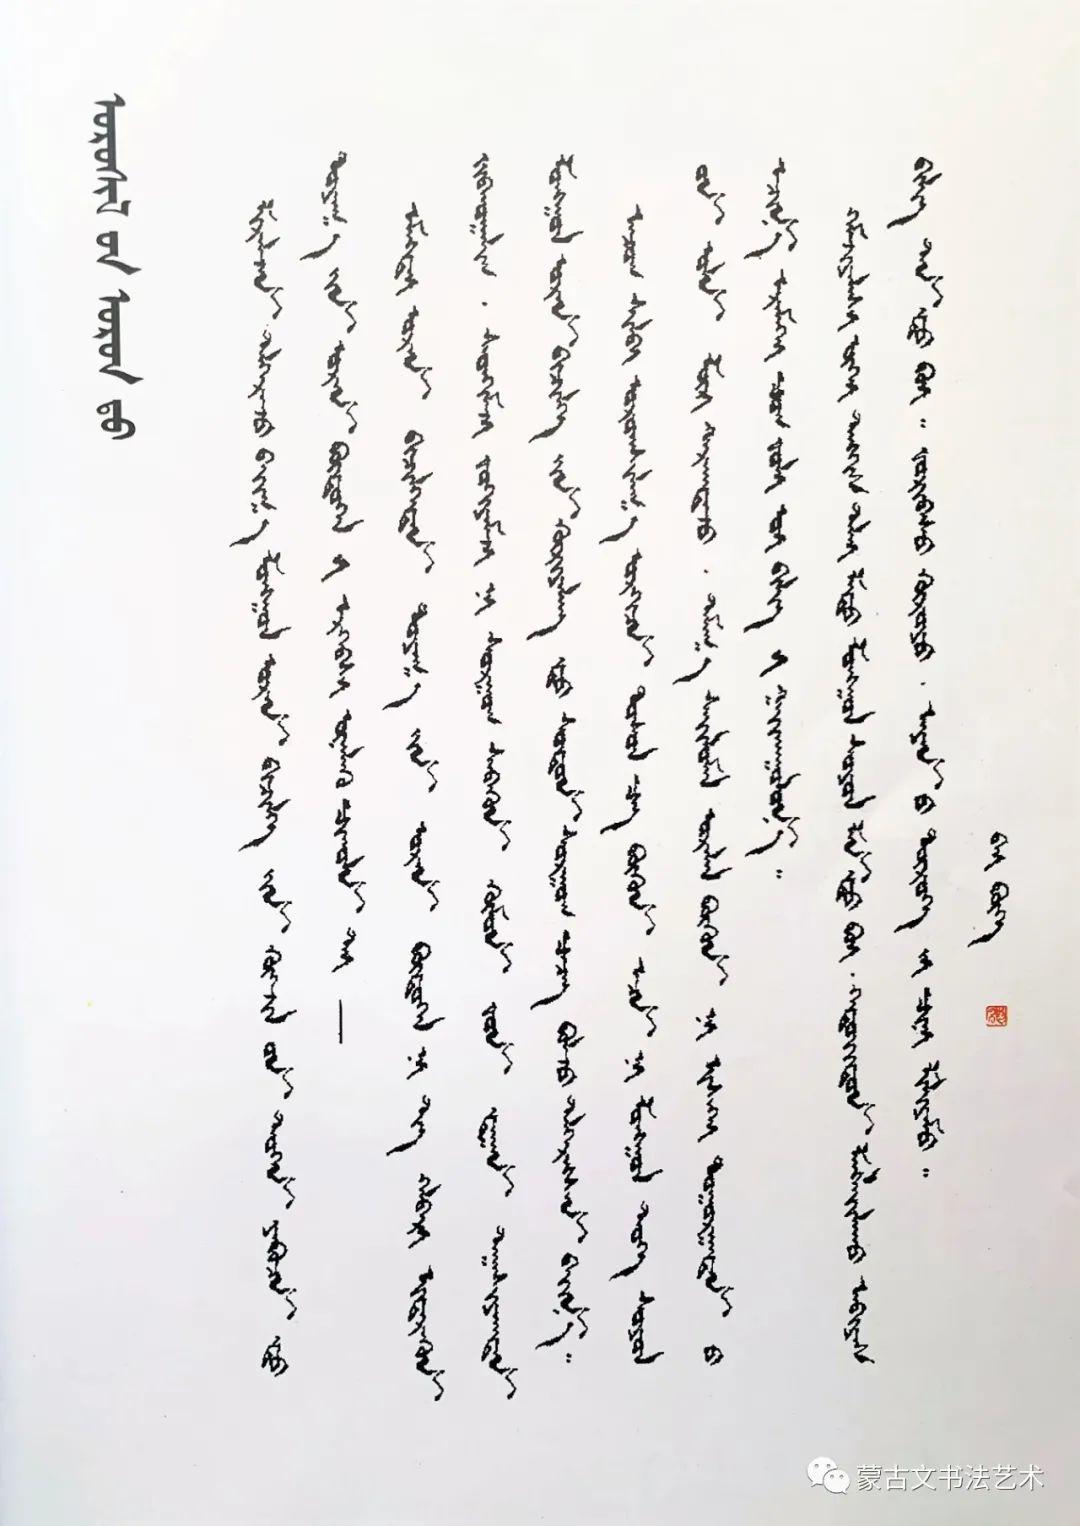 书法书籍——【图雅作品集】 第3张